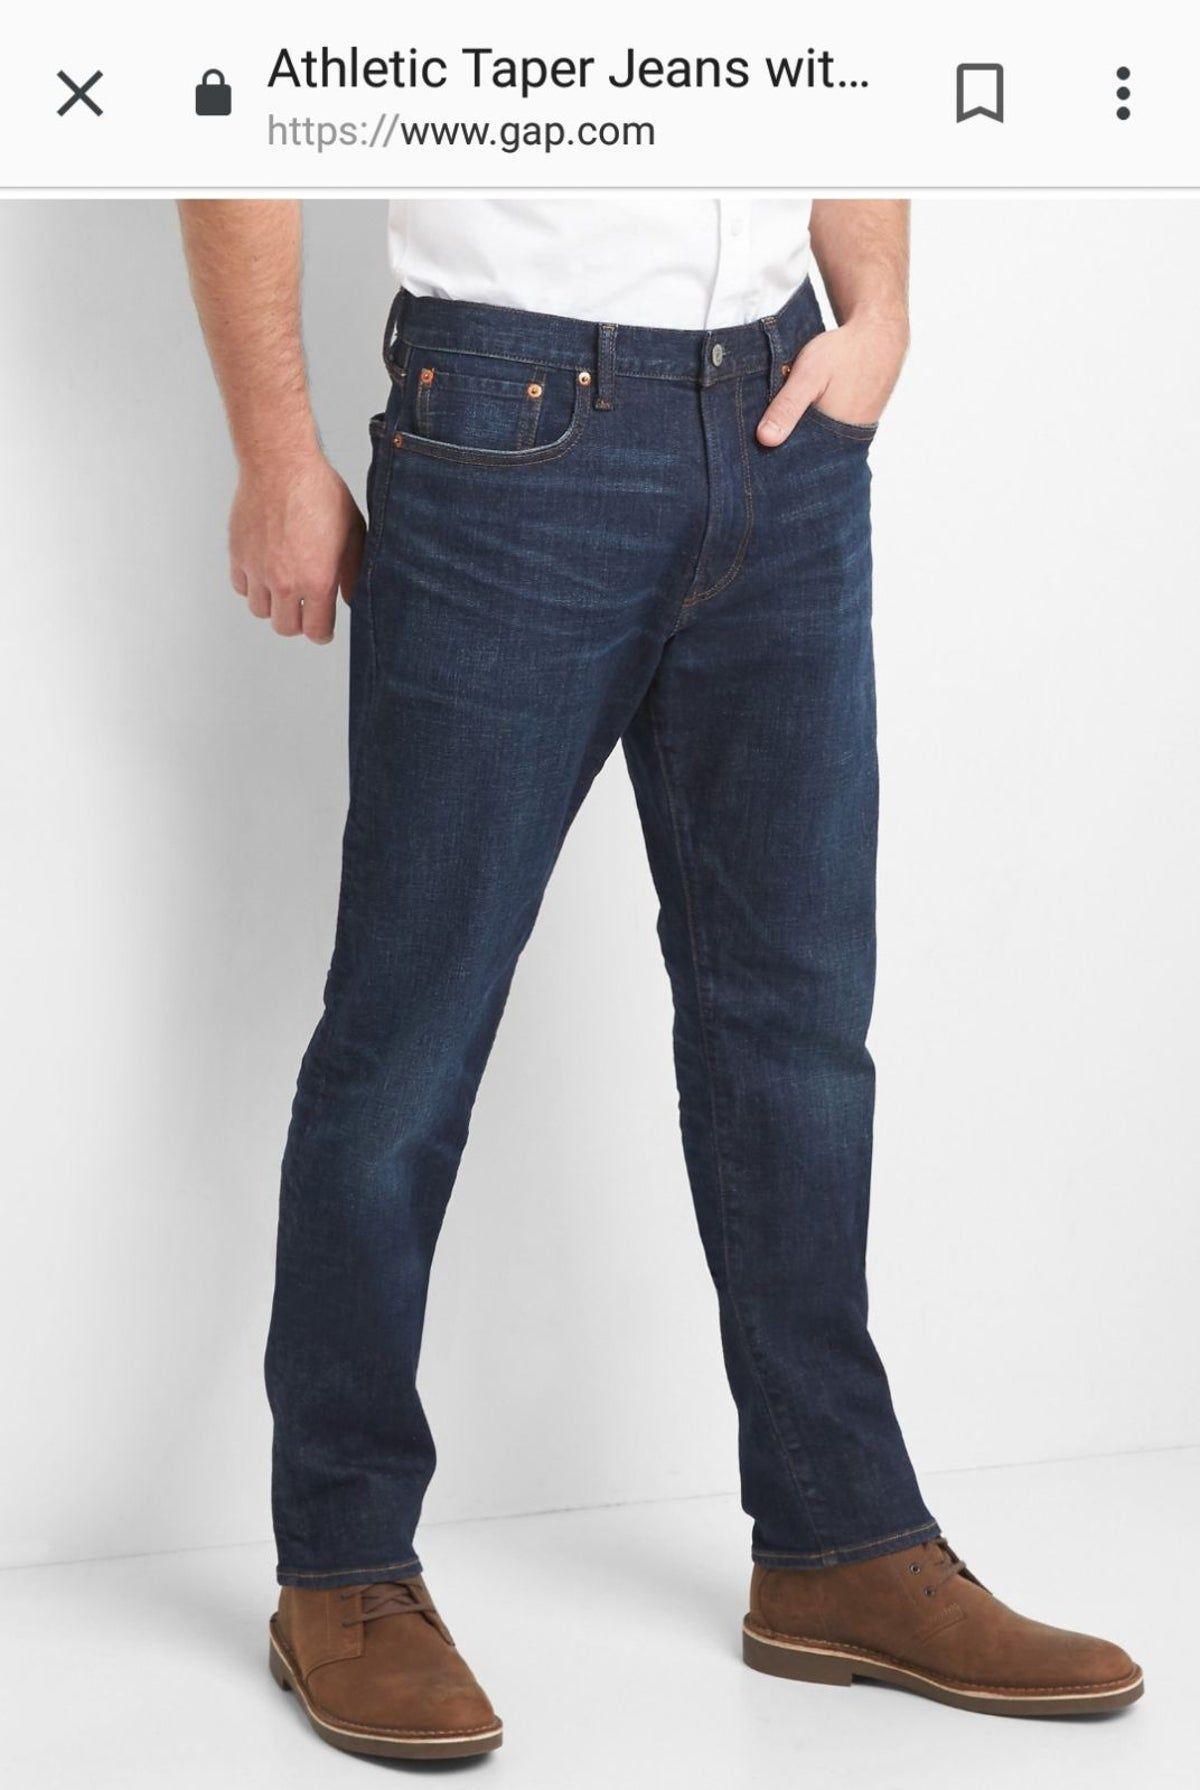 Gap Athletic Men S Jeans 32 X 30 Nwt 60 Vaqueros Hombre Pantalones Vaqueros Hombre Combinacion De Ropa Hombre